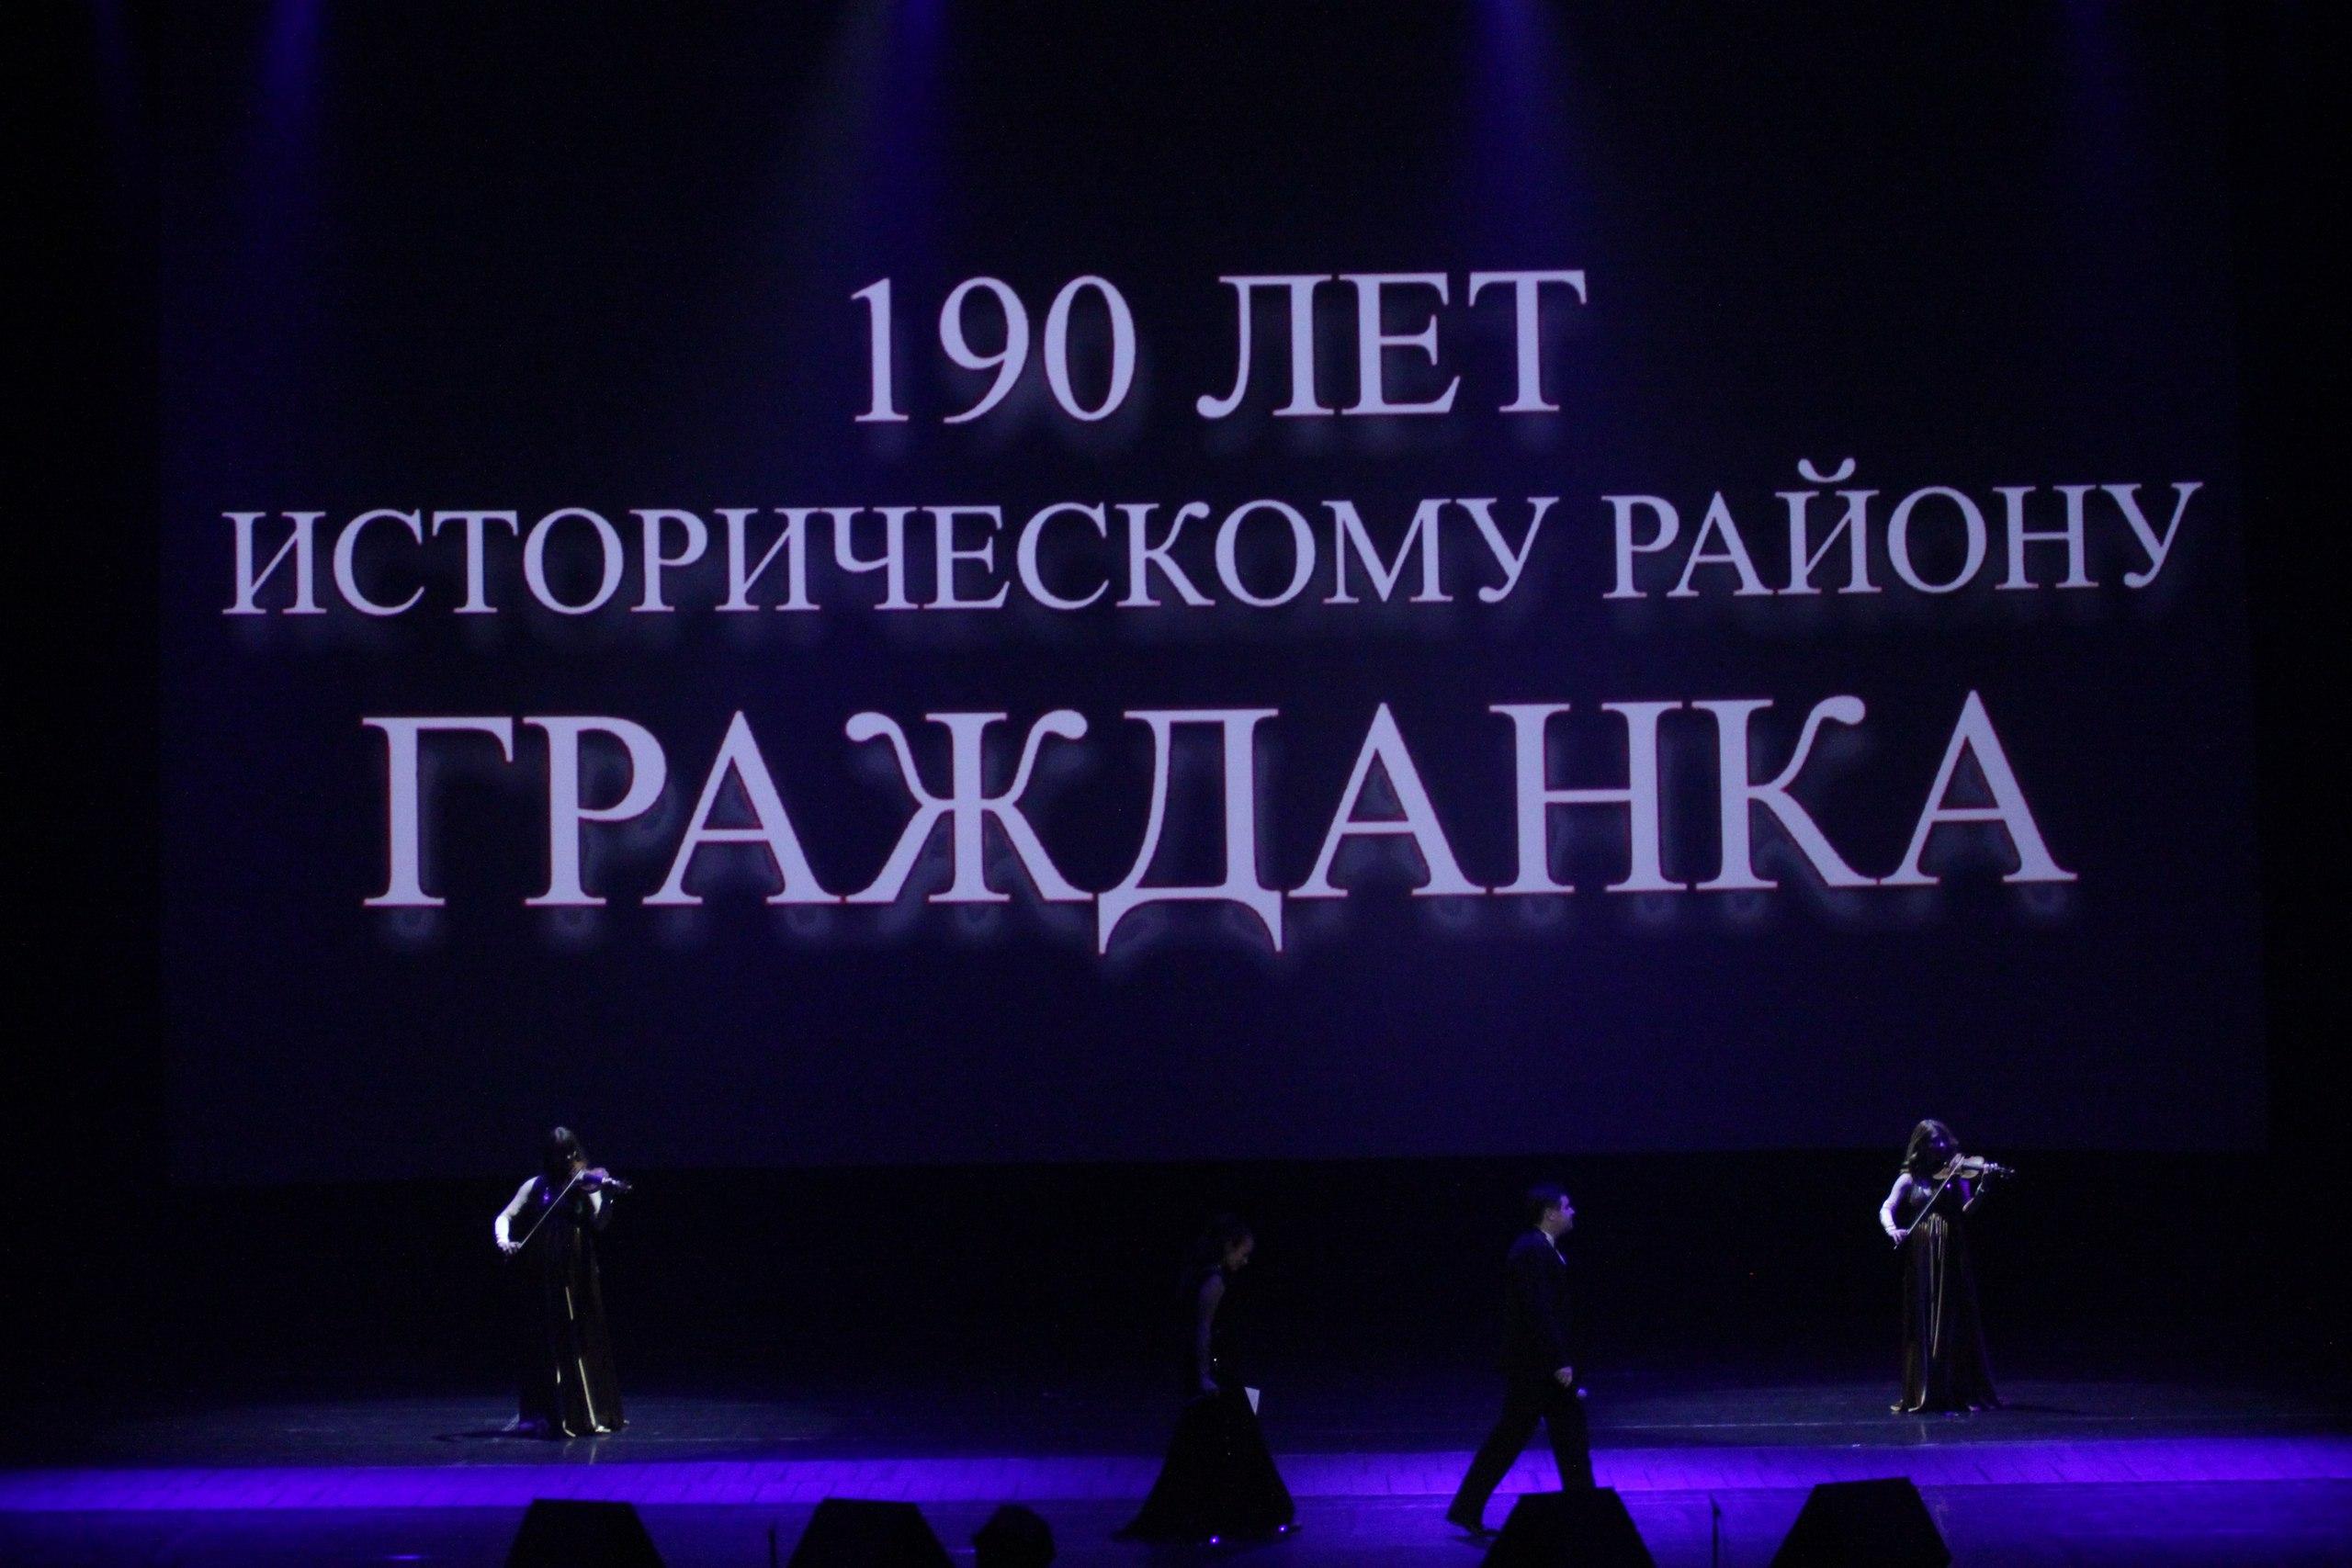 В БКЗ «Октябрьский» состоялся праздничный концерт, посвященный 190-летию исторического района Гражданка